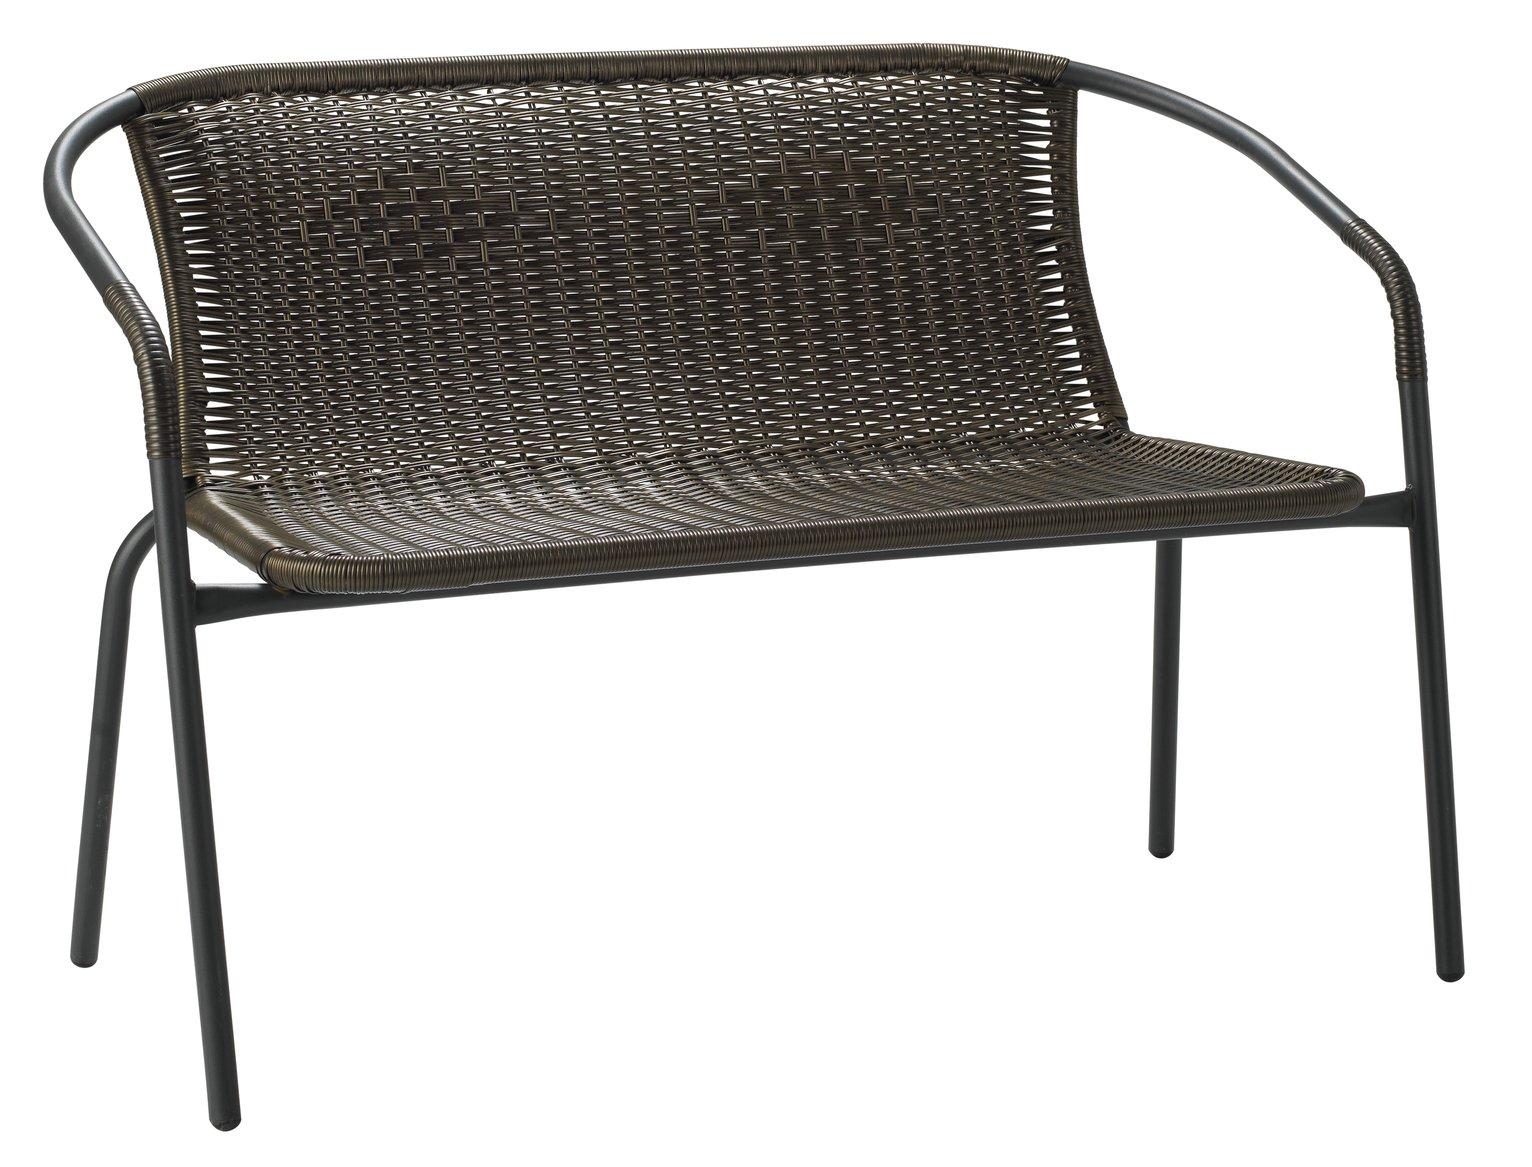 Argos Home Steel Wicker 2 Seater Garden Bench - Brown